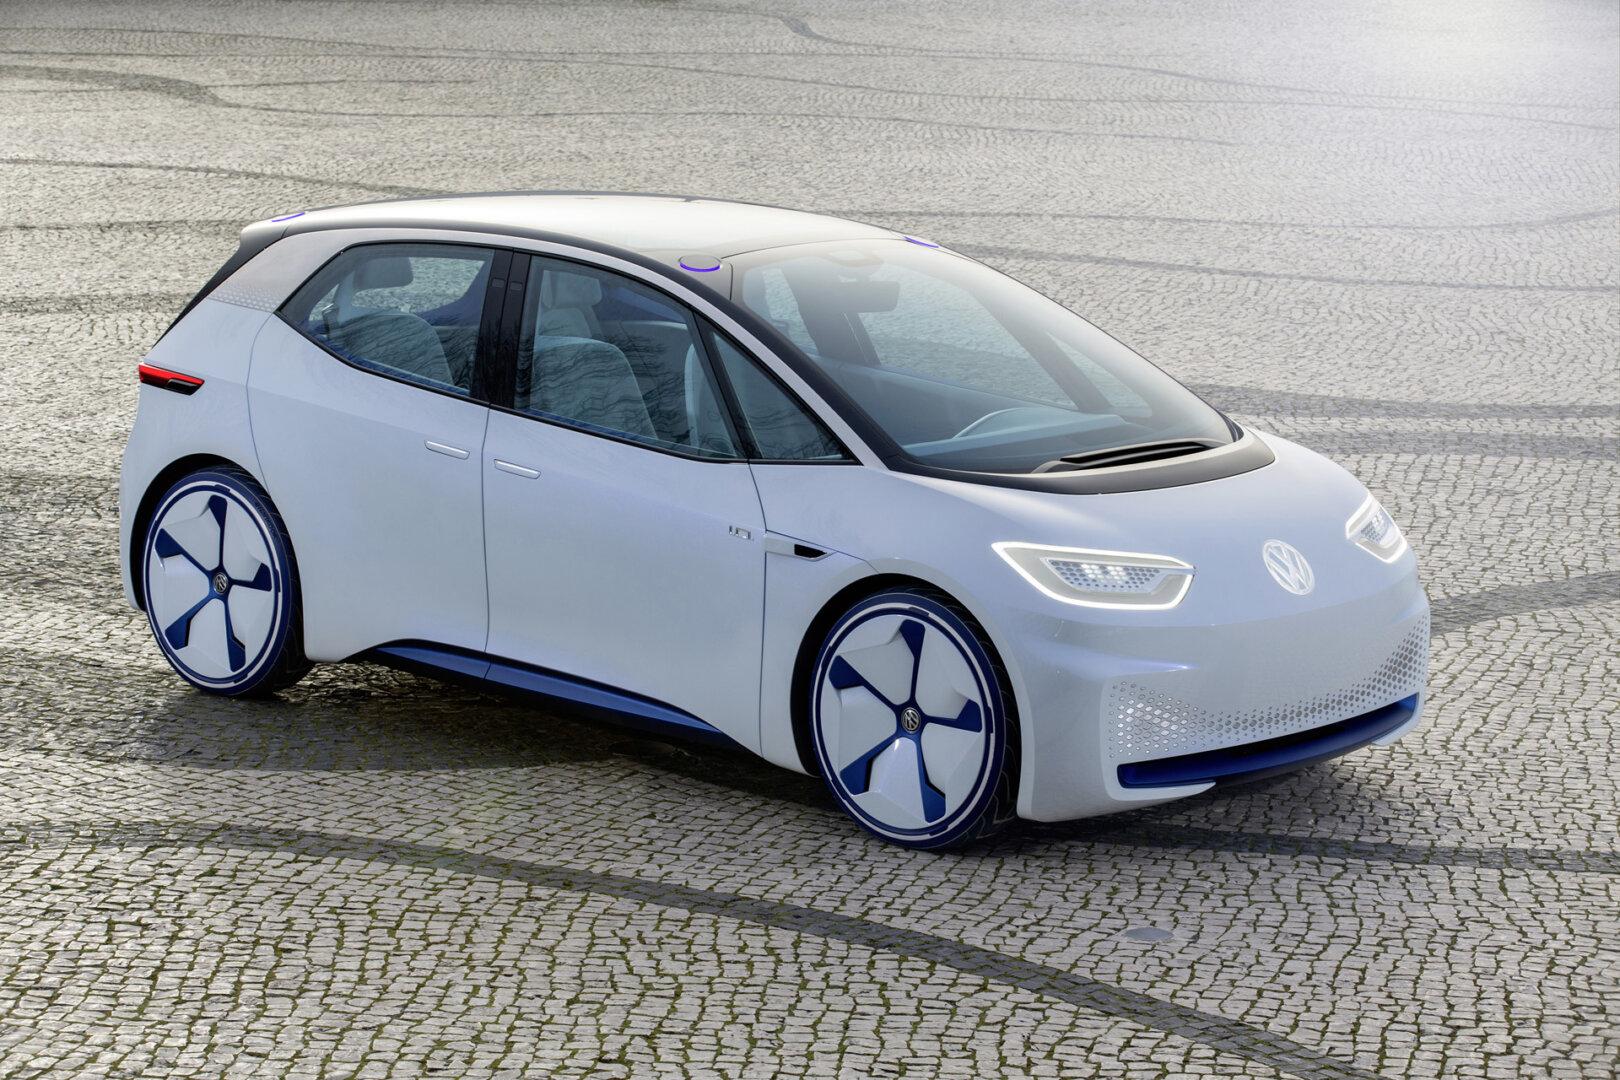 Weißer E-VW auf einem Parklatz.